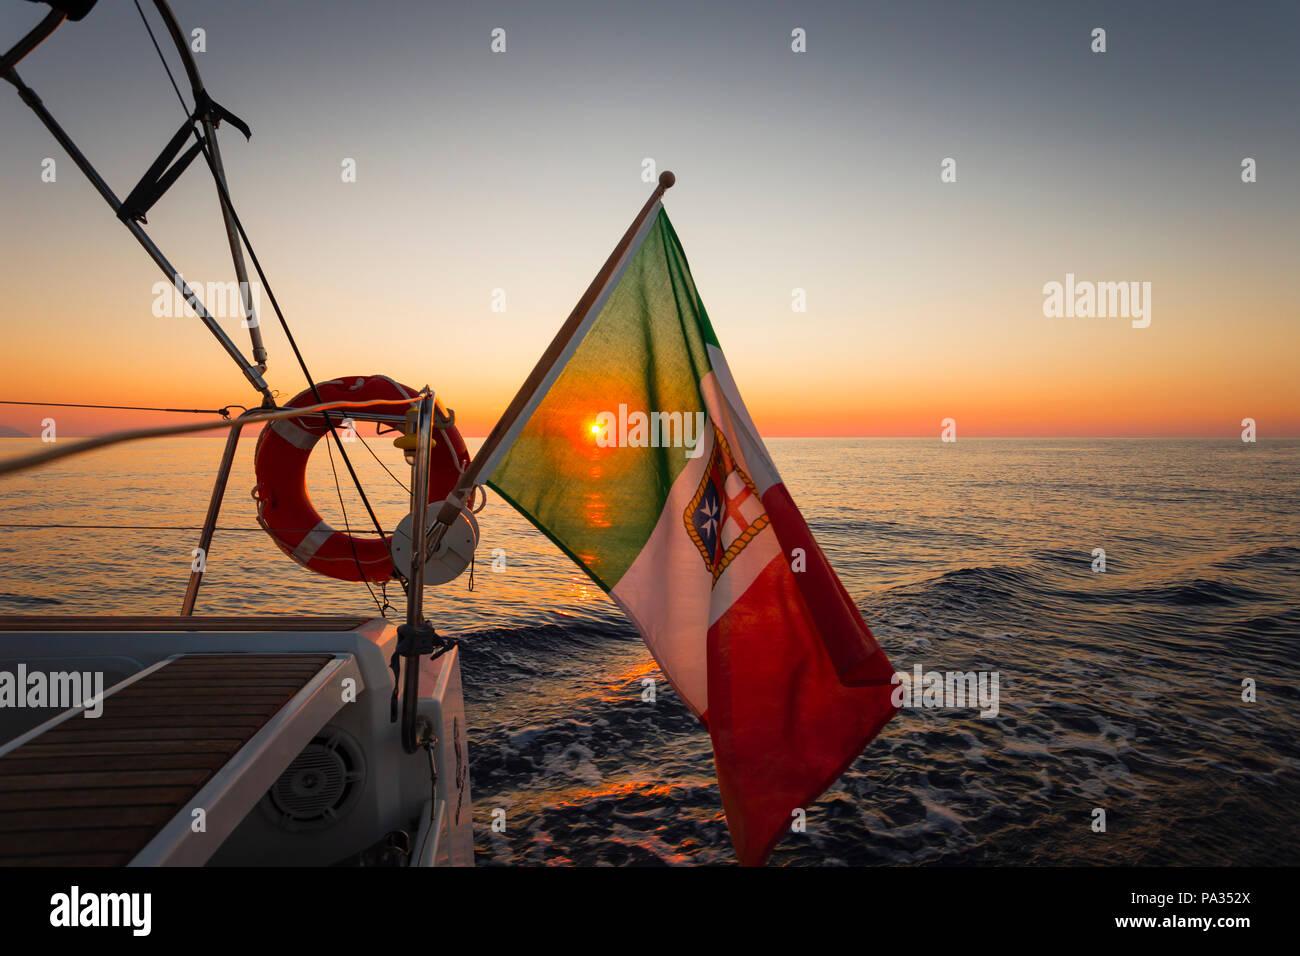 The sun sets on the Tyrrhenian Sea veiled by an Italian nautical flag, Aeolian Islands, Sicily. - Stock Image